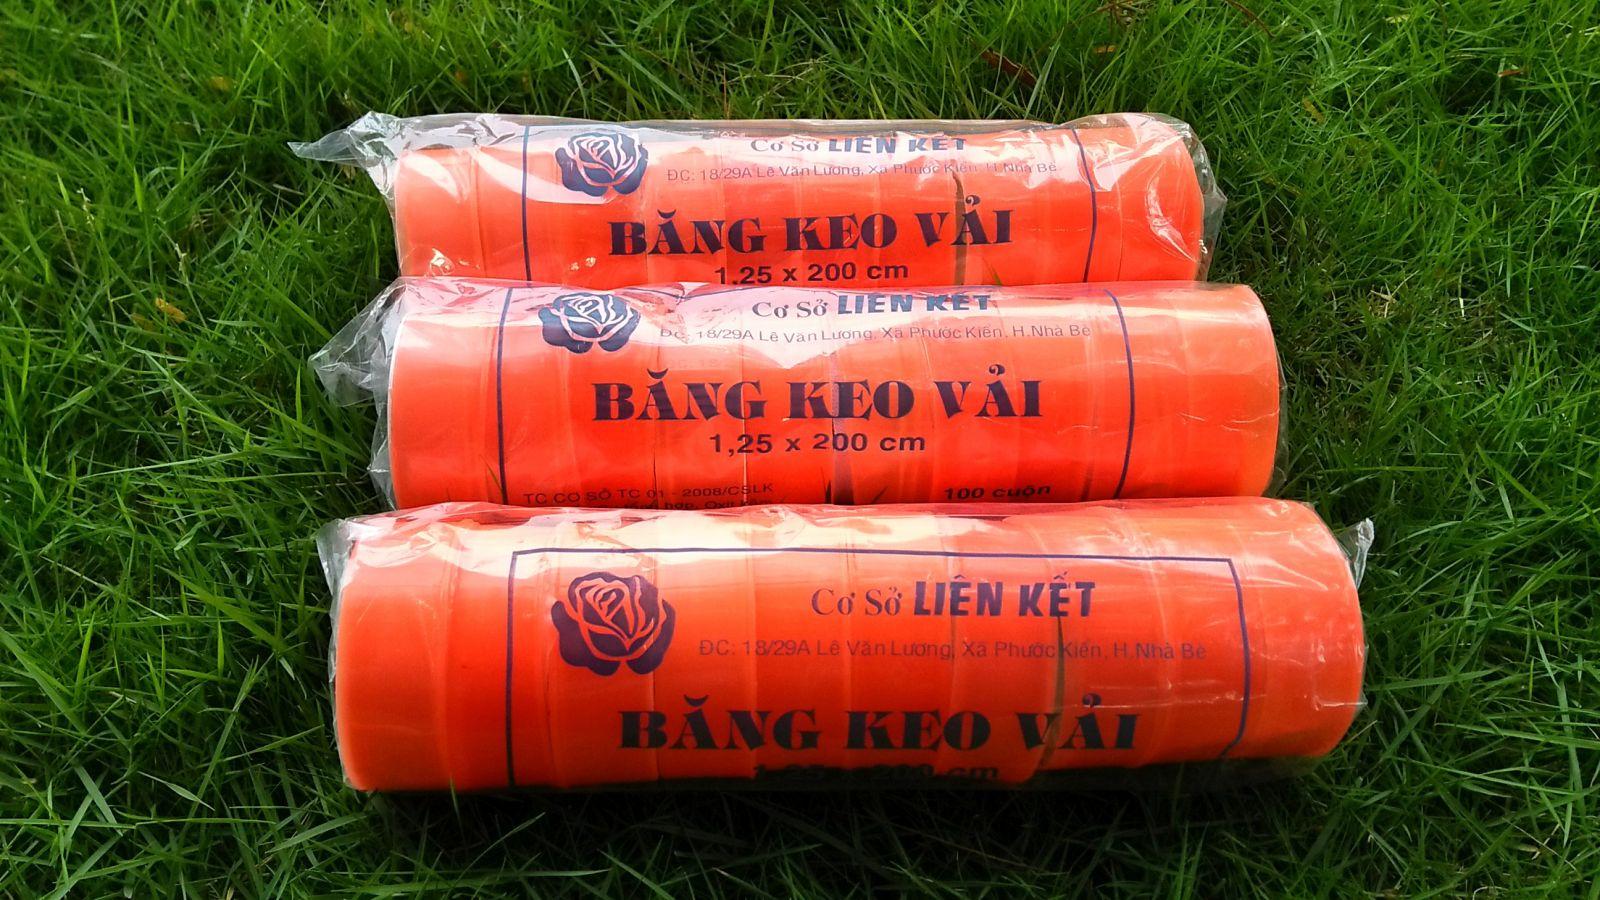 BANG KEO VAI